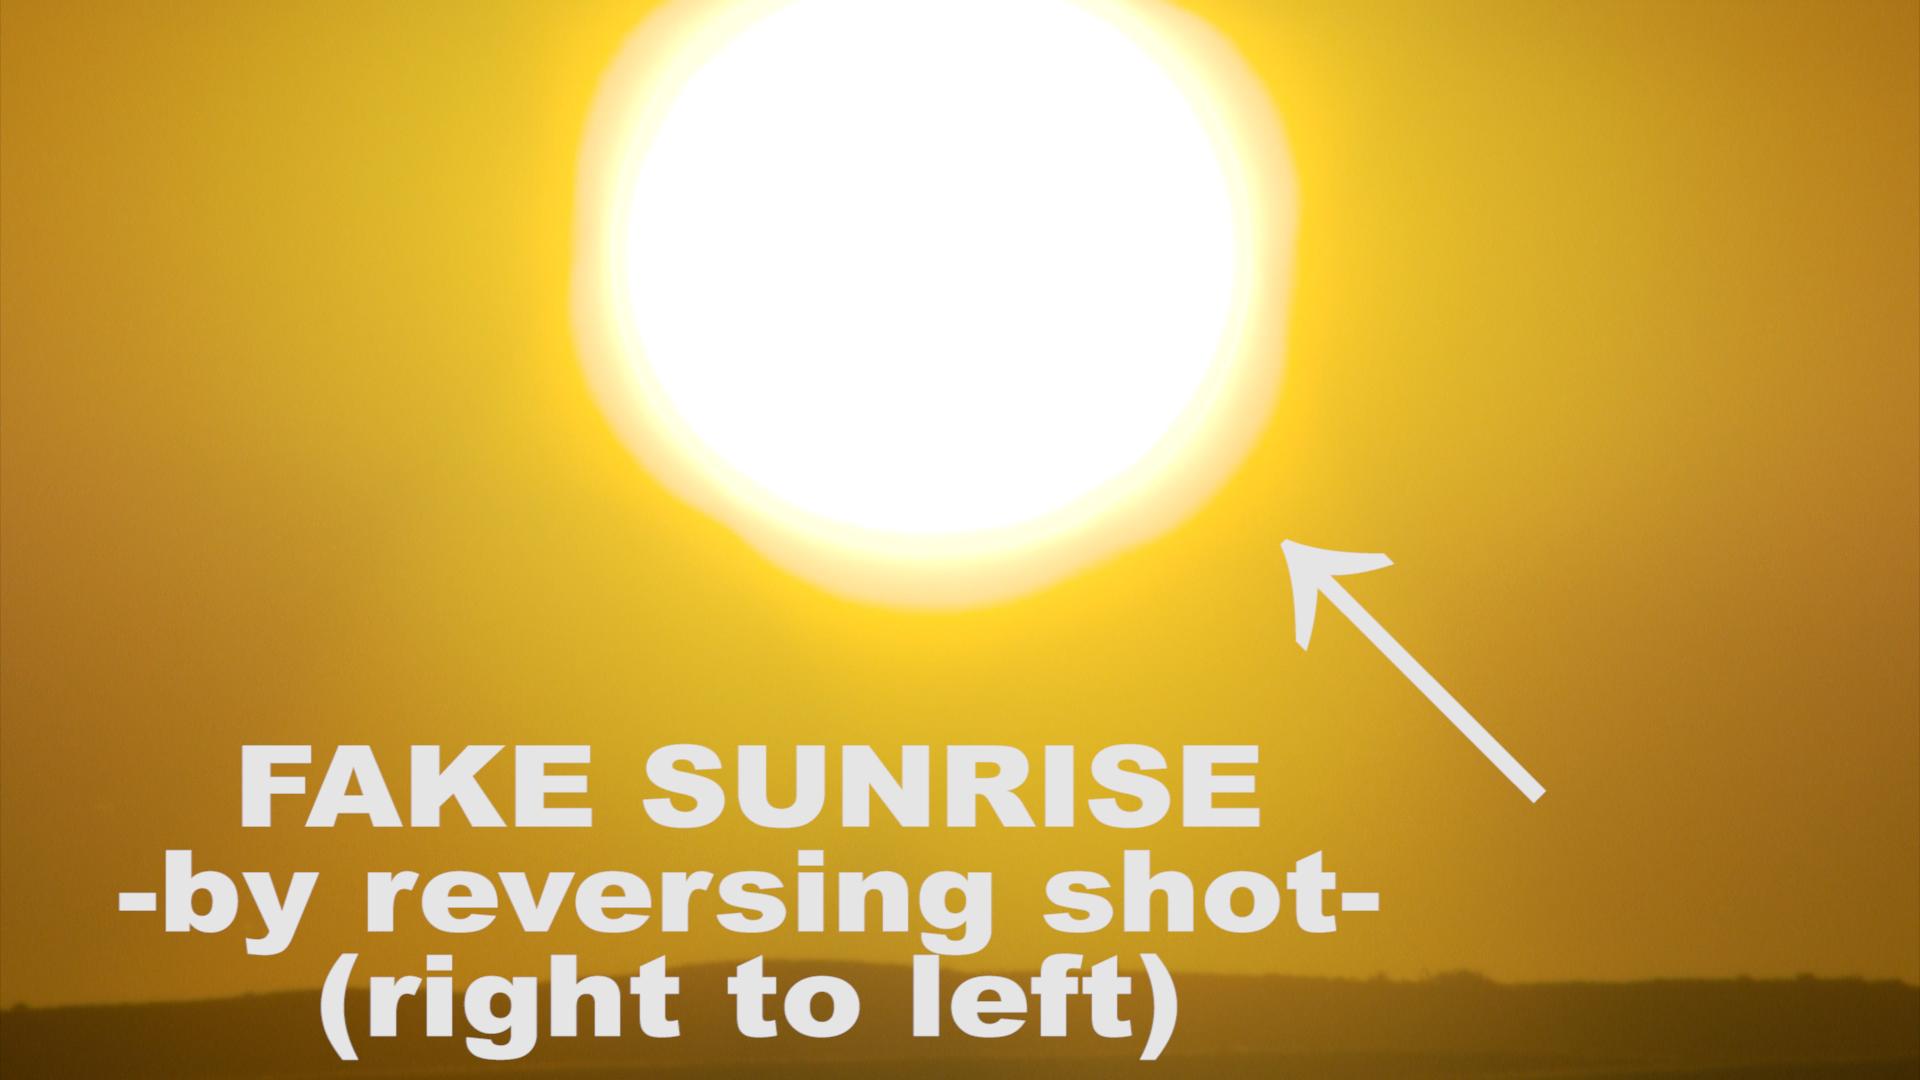 fake sunrise